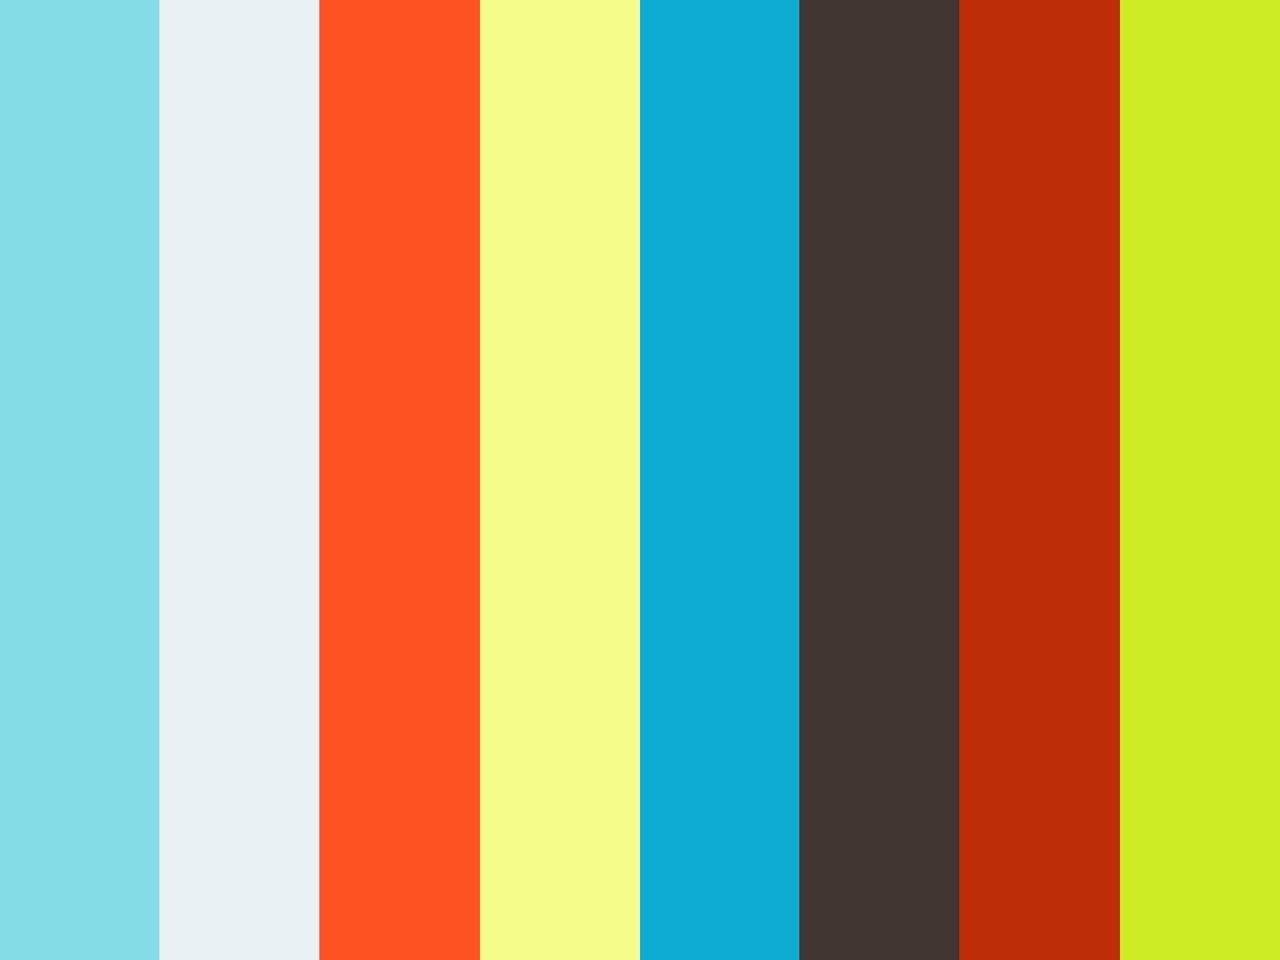 002799 - TV Provincie - Provincie lanceert nieuwe website